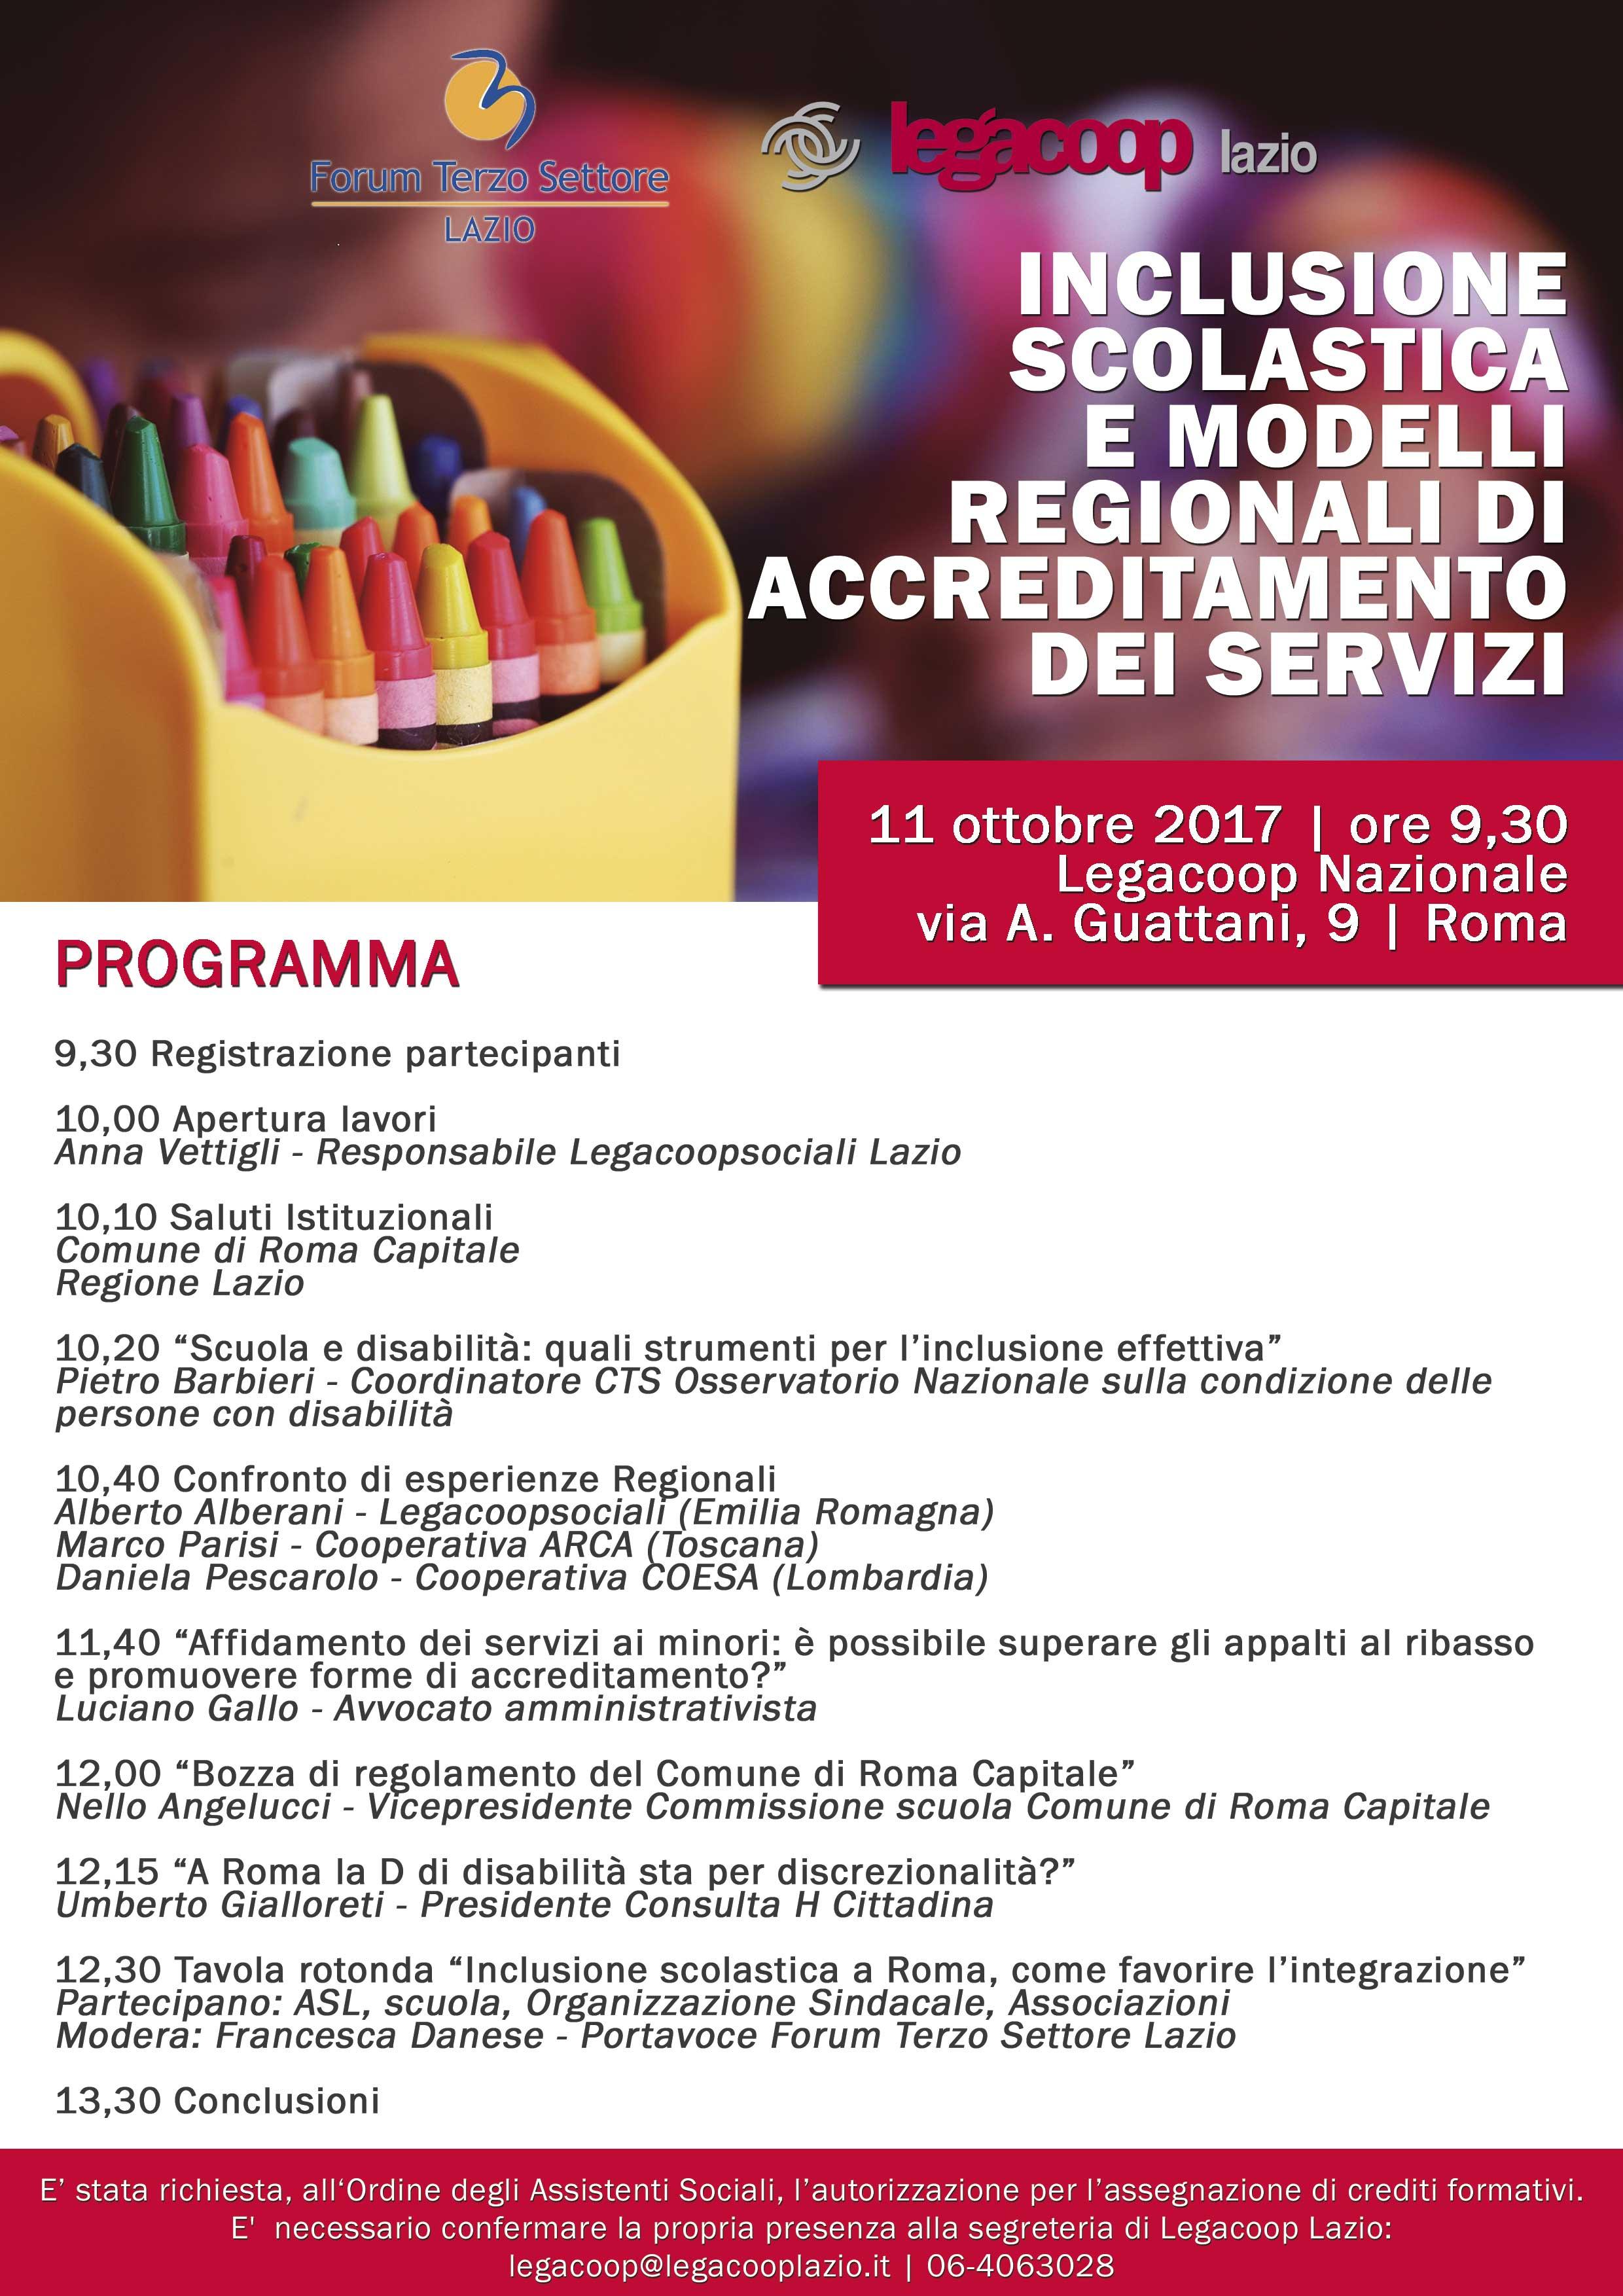 programma-inclusione-scolastica